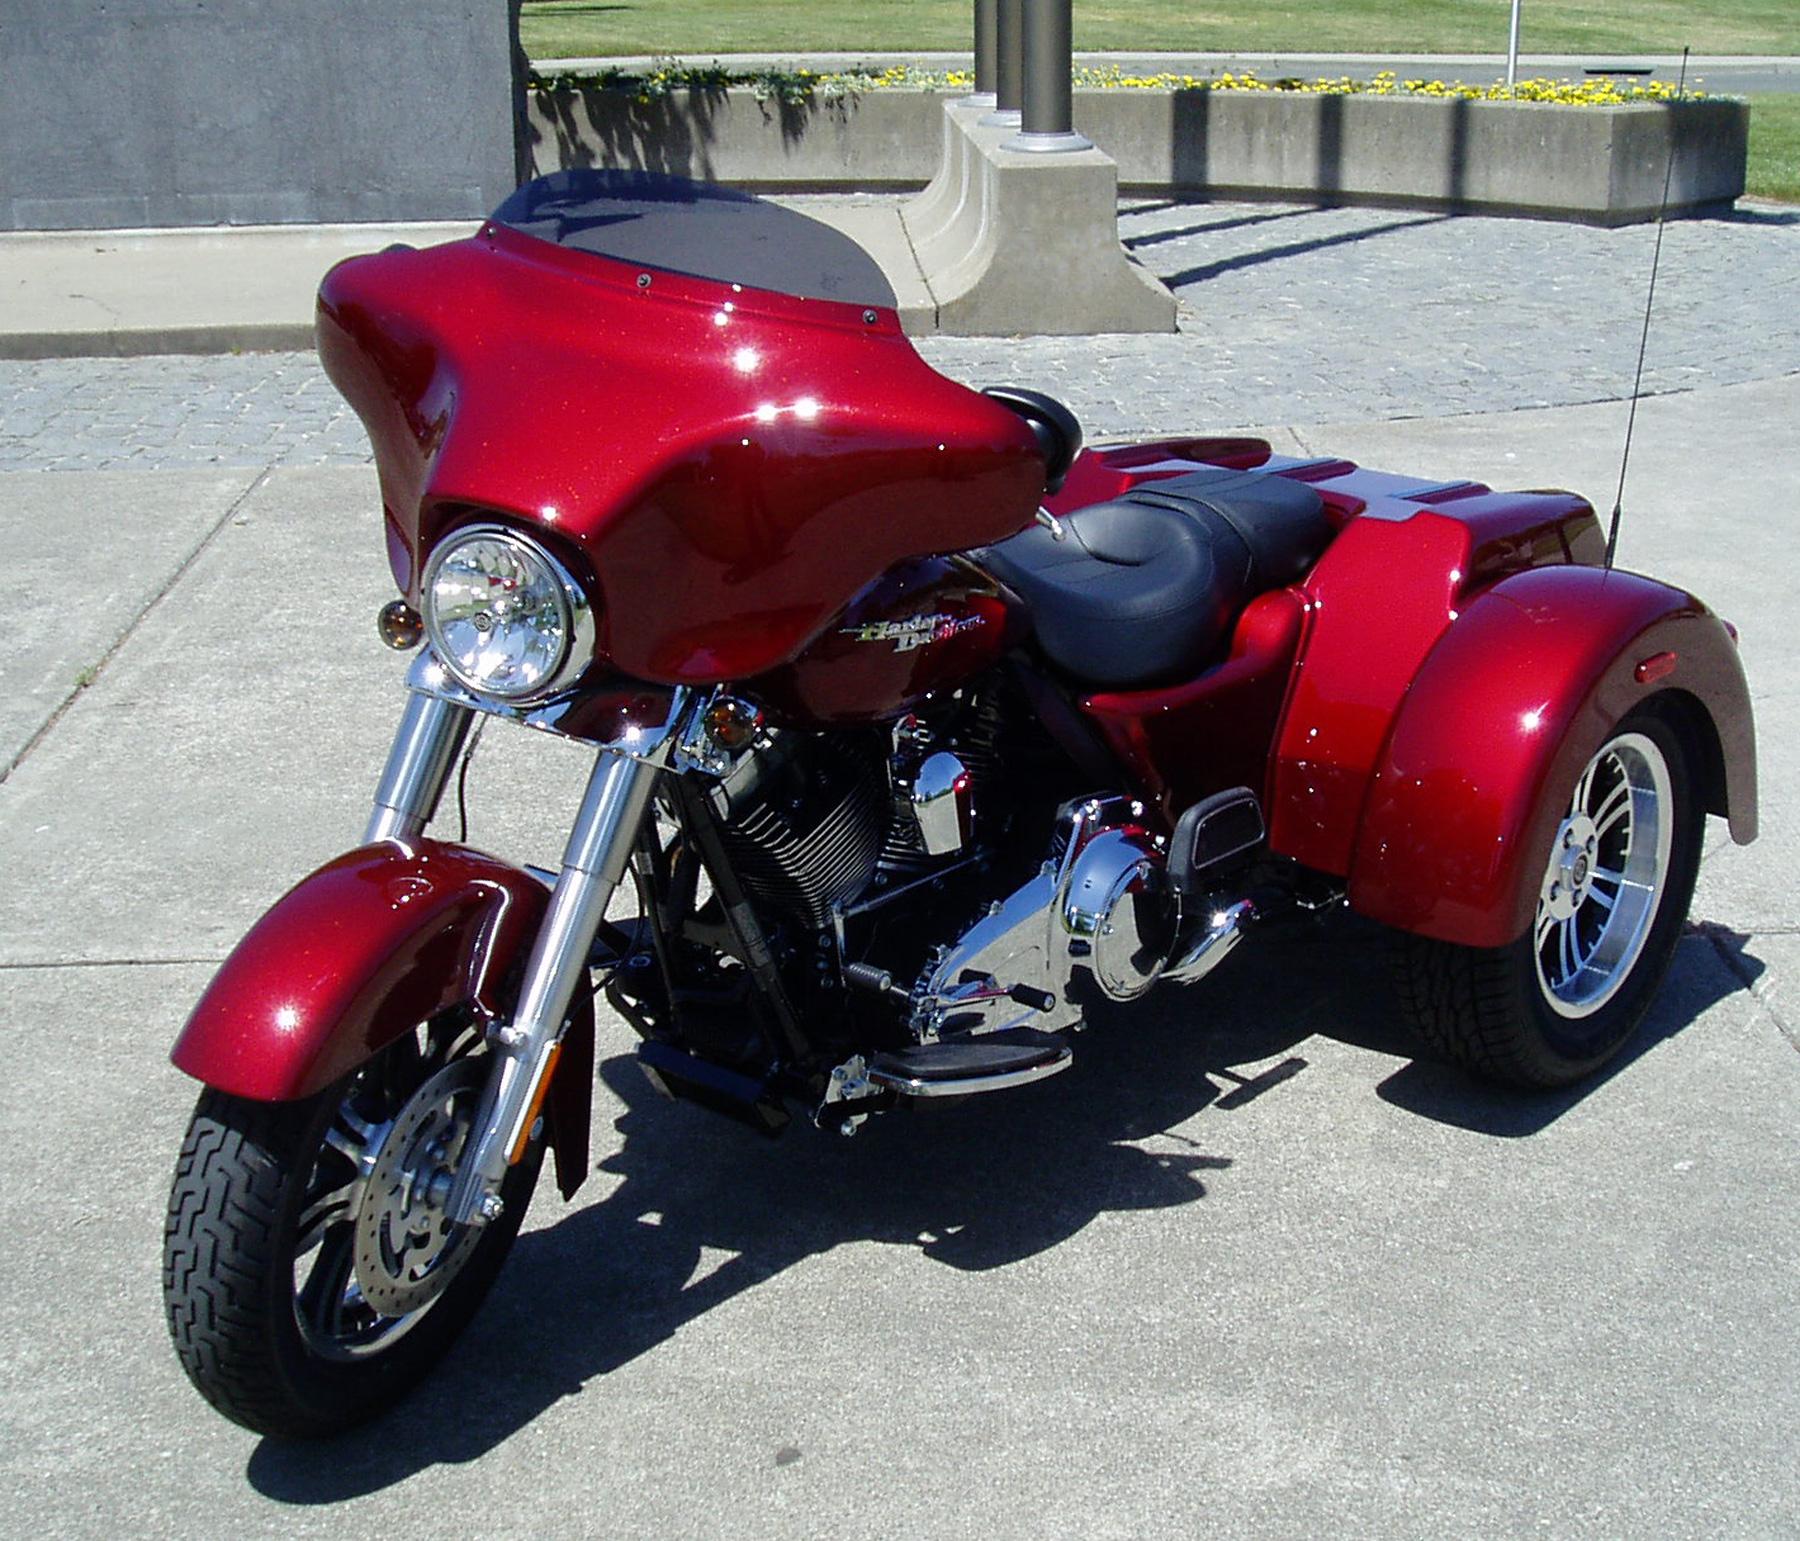 Test Ride: 2010 Harley-Davidson FLHXXX Street Glide Trike